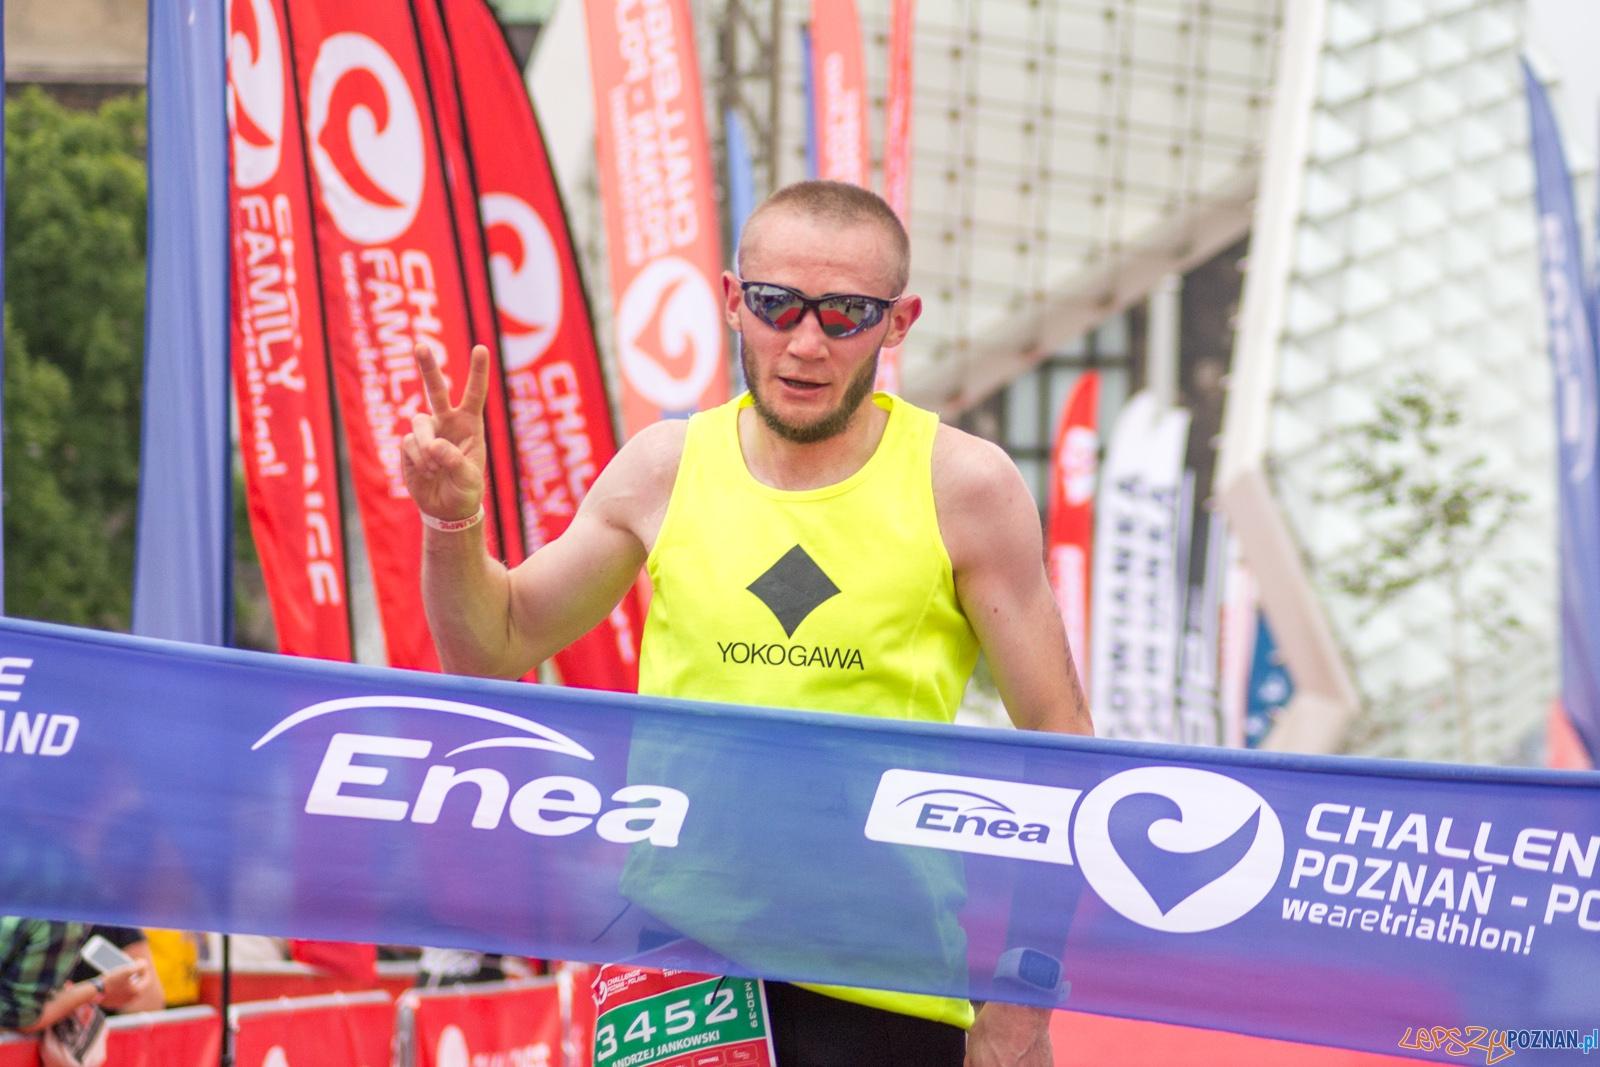 Enea Challenge  Foto: Ewelina Jaśkowiak